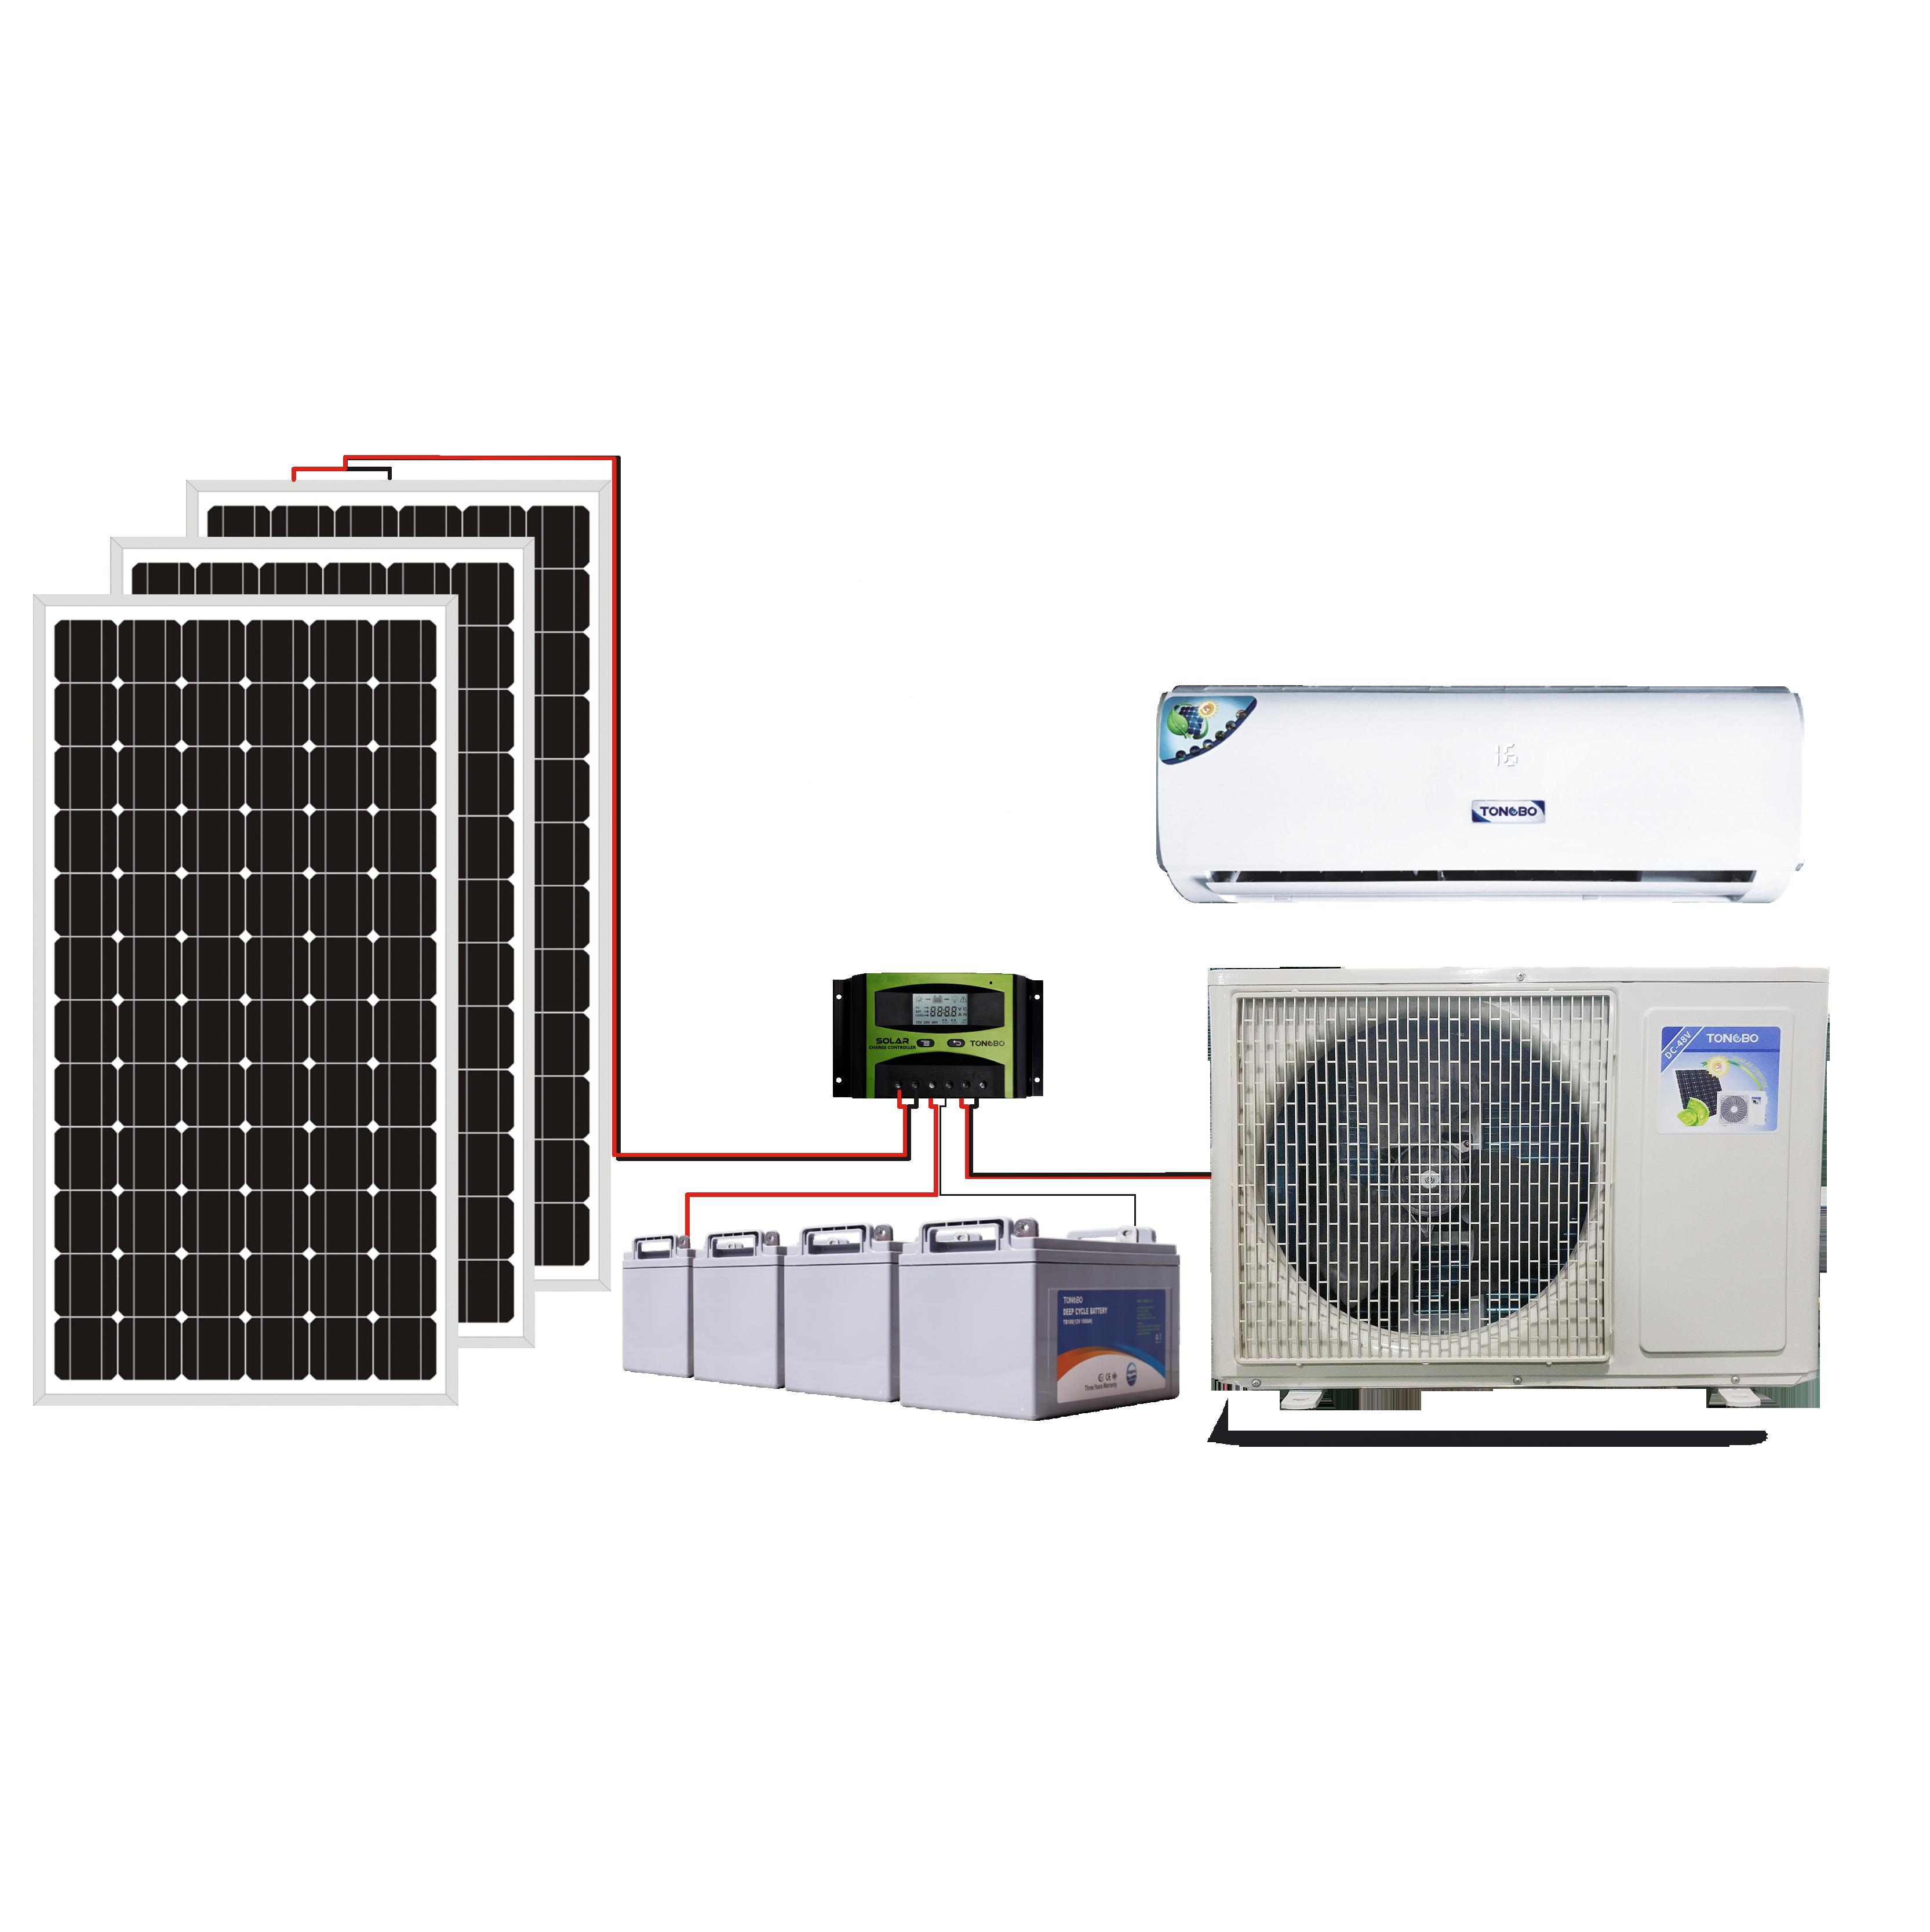 Di Alta Qualità Dc Hybrid Inverter Ac Tubo a Vuoto Solare Alimentato Condizionatore D'aria Portatile